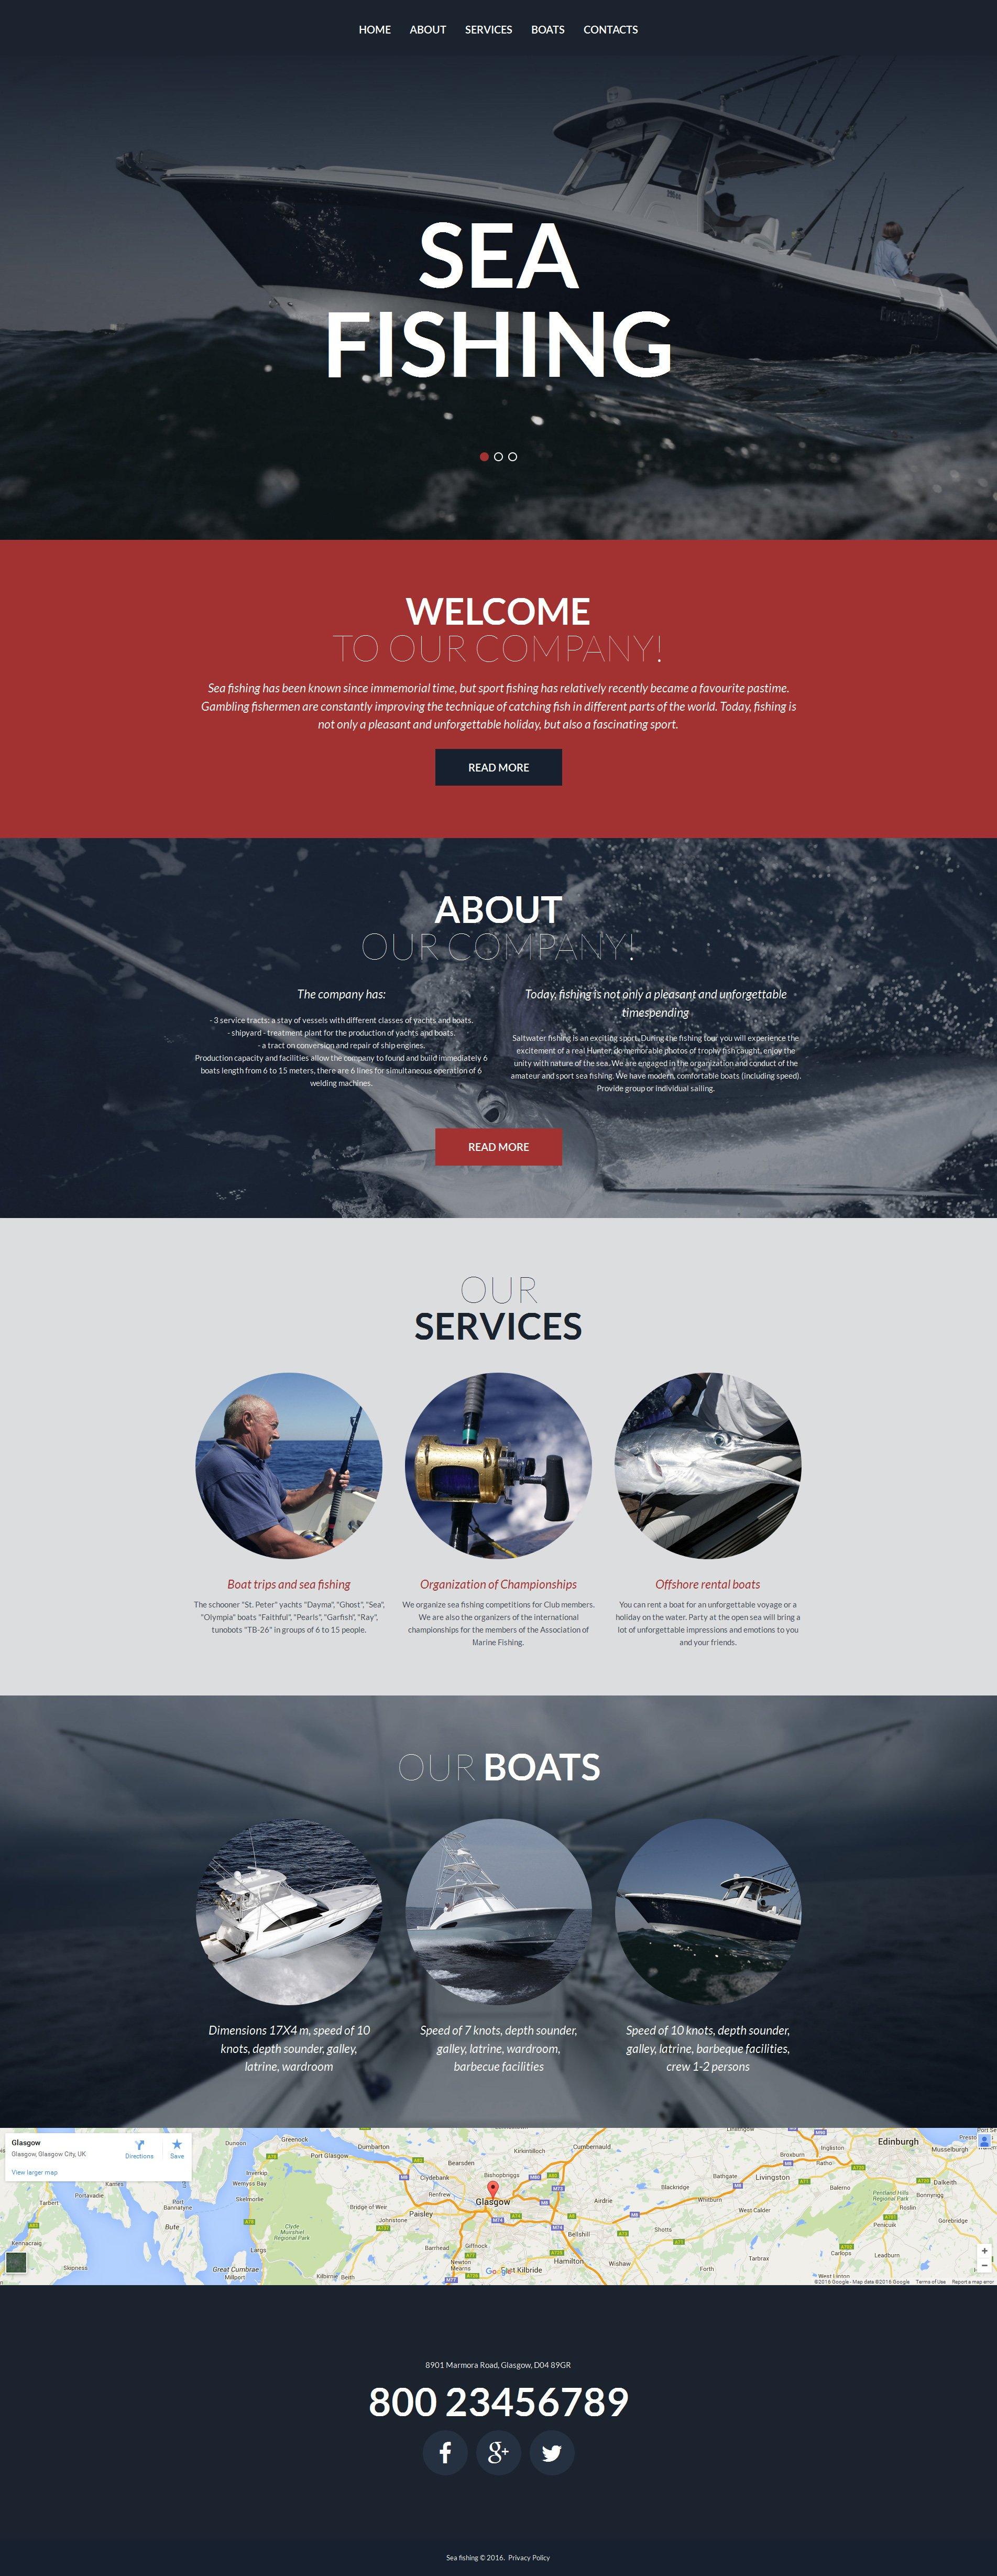 Templates Moto CMS 3 Flexível para Sites de Pescaria №58427 - captura de tela